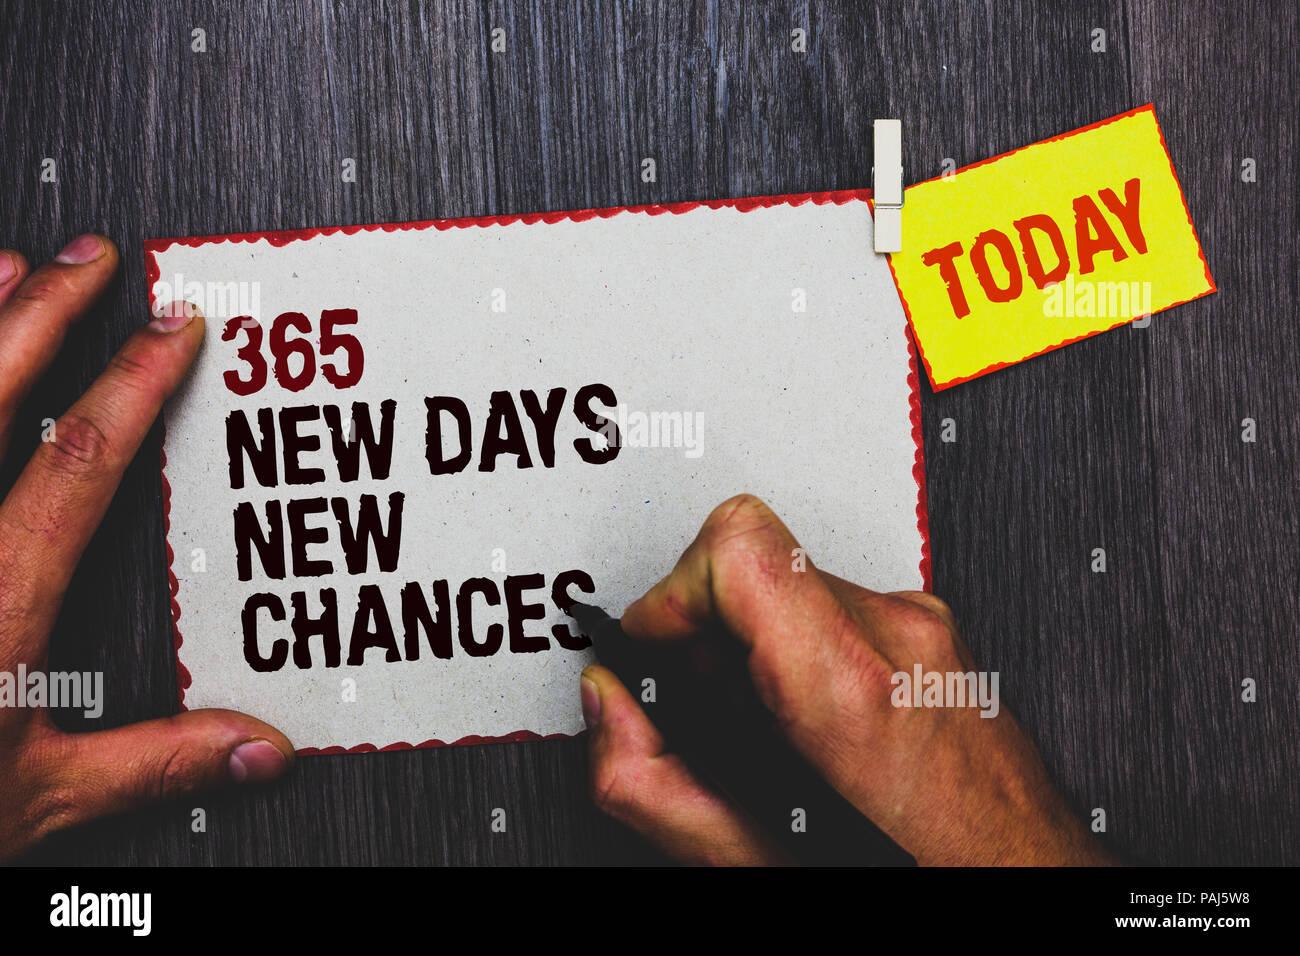 Calendario Significato.La Grafia La Scrittura Di Testo 365 Nuovi Giorni Nuove